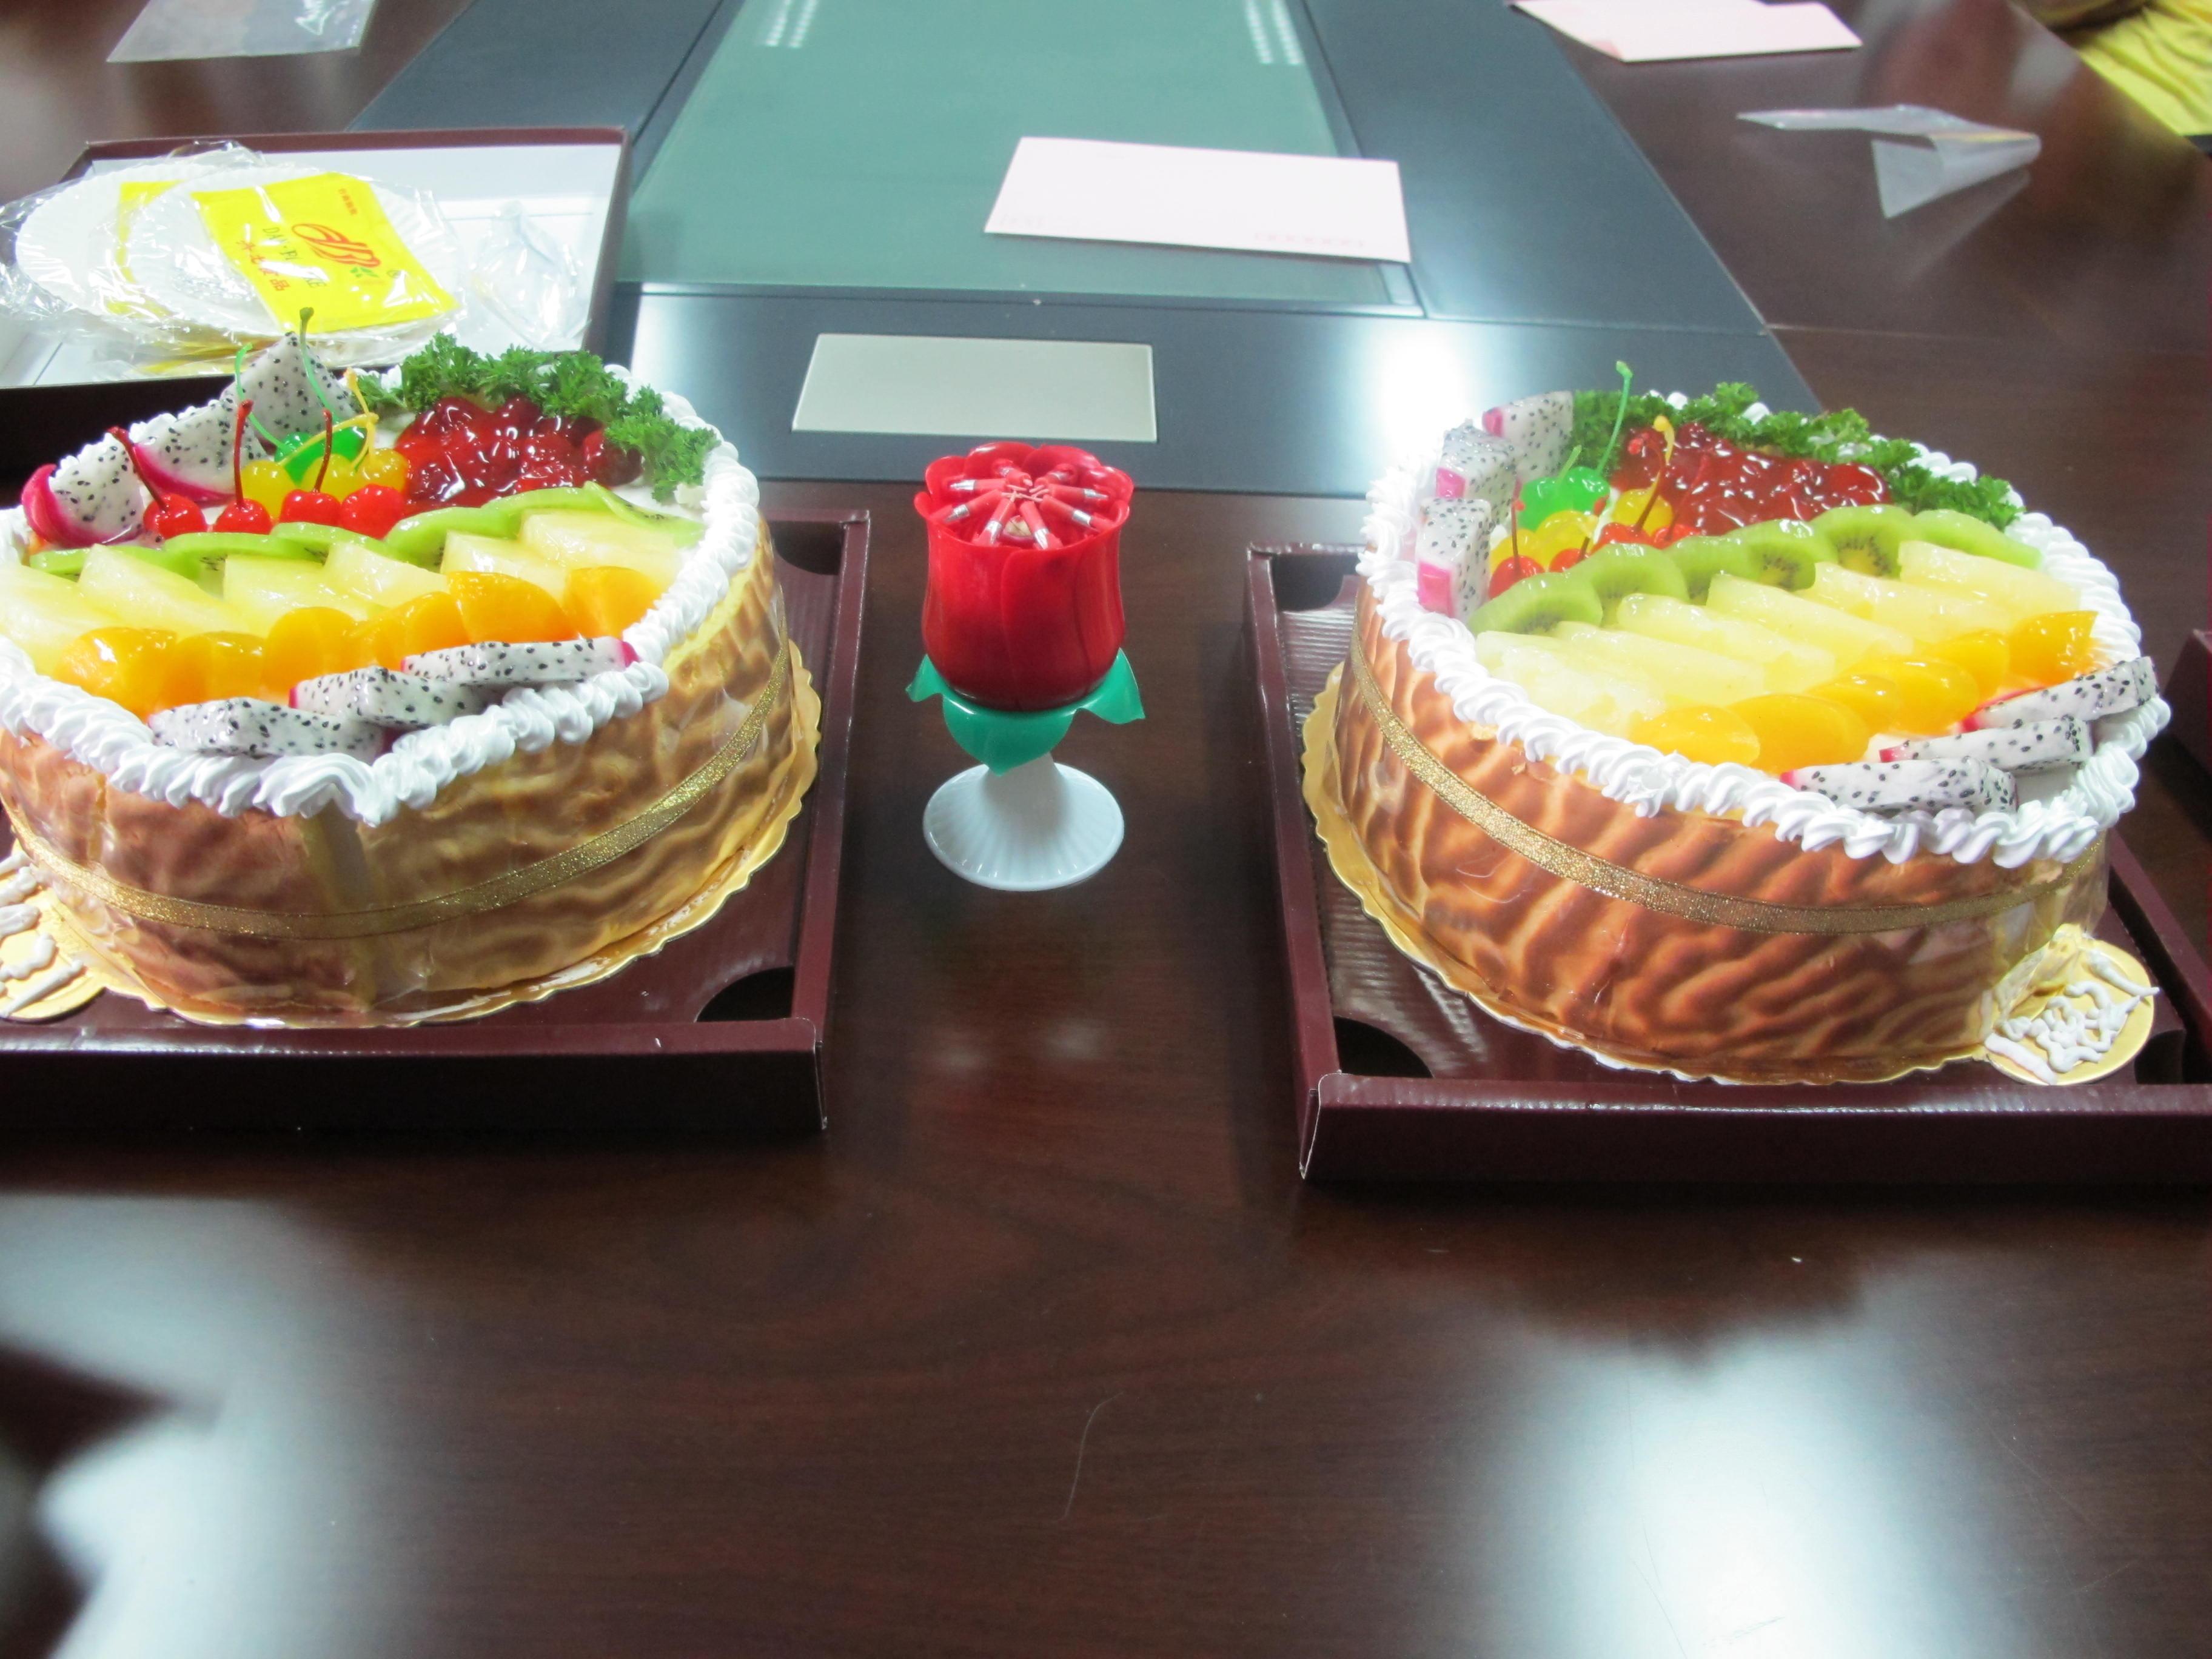 生日会现场蛋糕